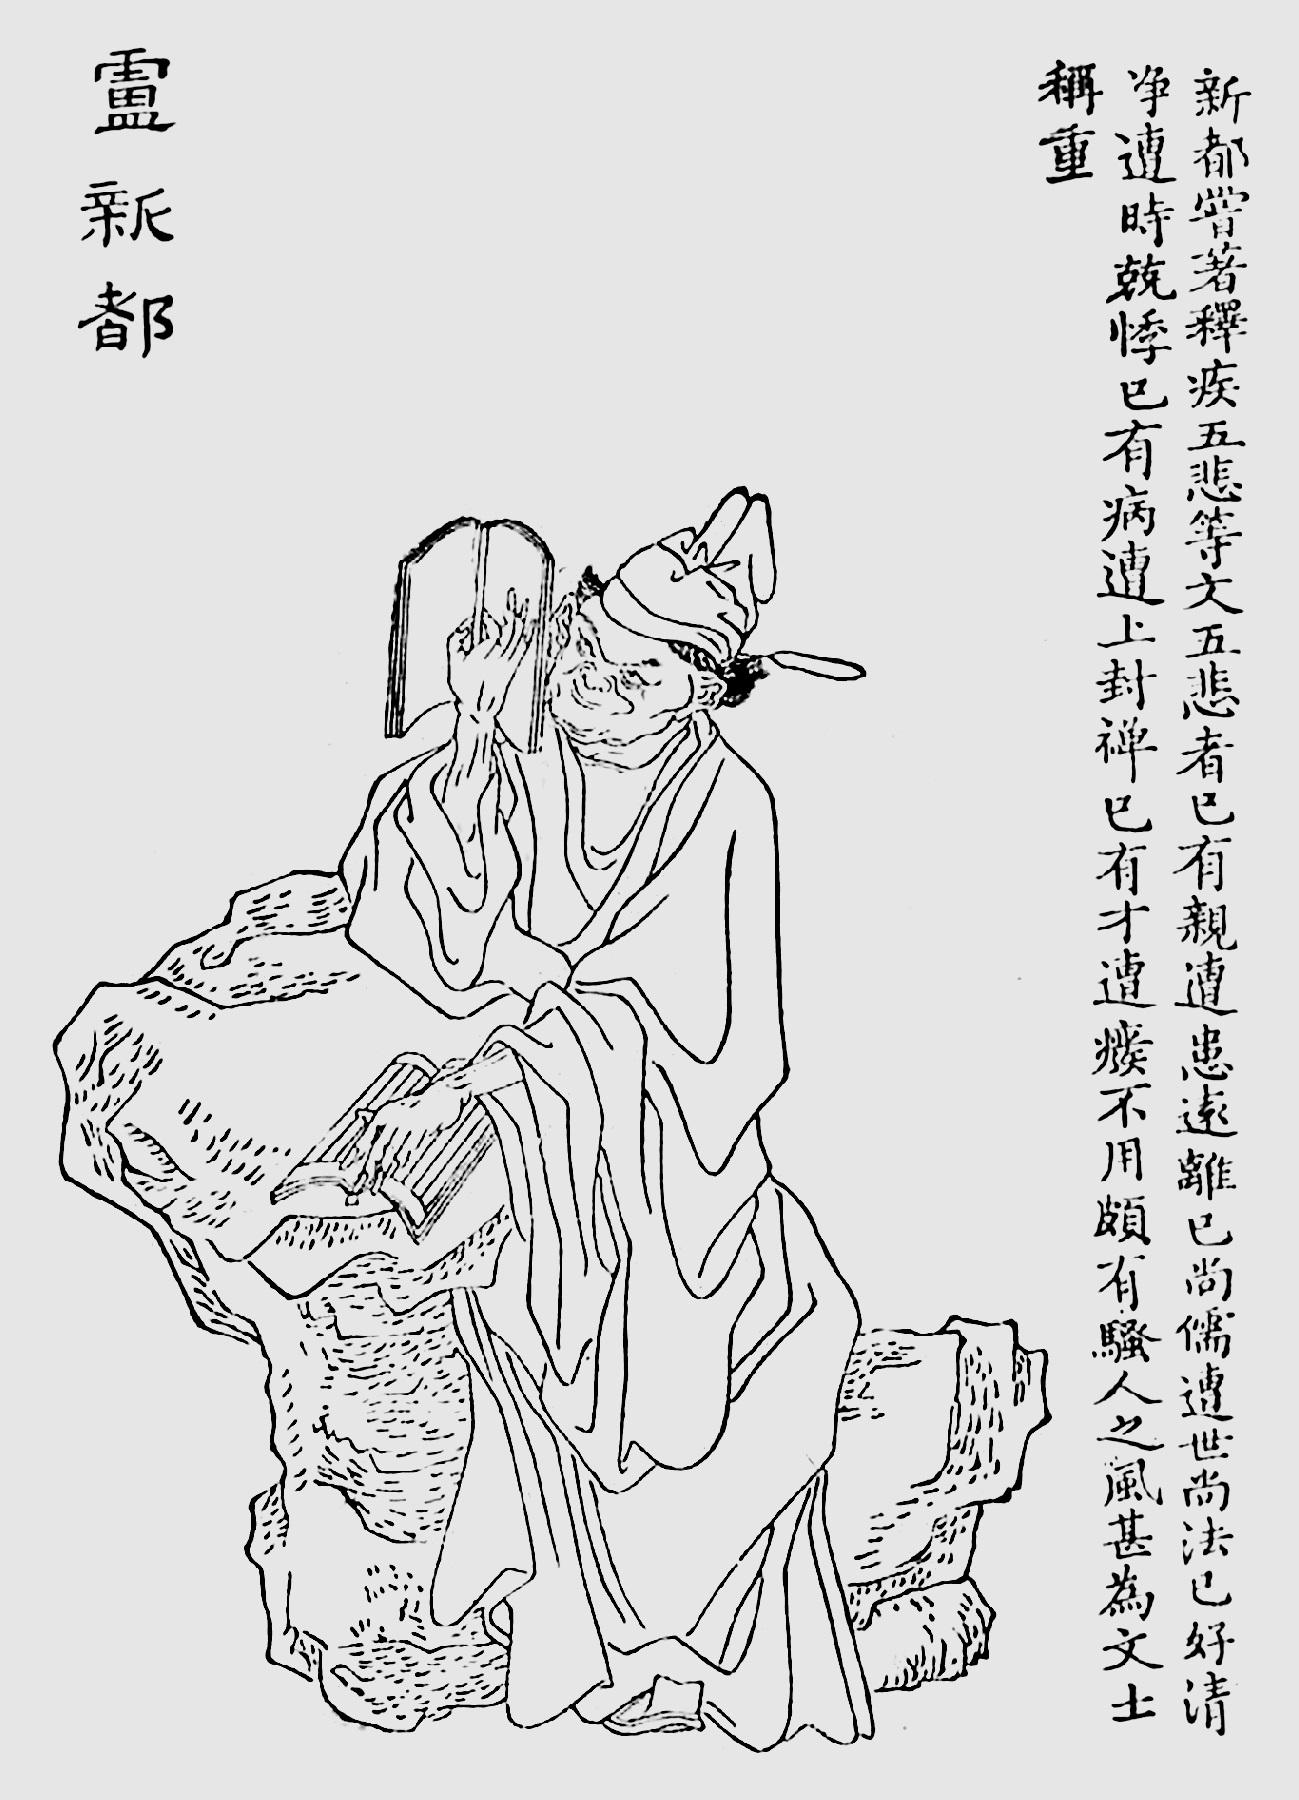 """清代《晚笑堂画传》中的卢照邻像, 体现了诗人因患麻风病而扭曲的面容。卢照邻曾任新都县尉, 故称""""卢新都""""。"""